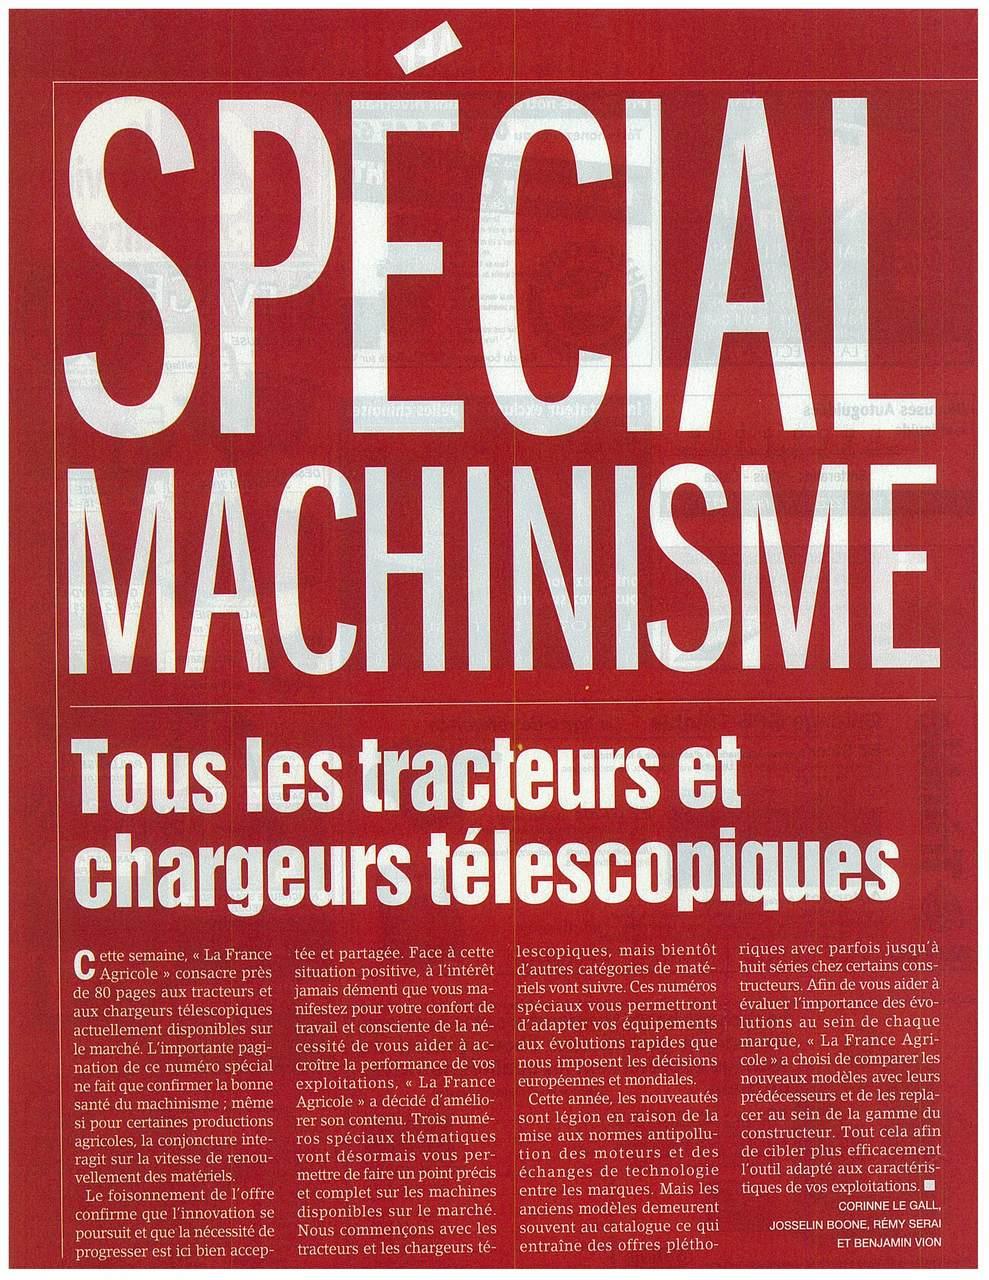 Spécial machinisme: tous les tracteurs et chargeurs télescopiques